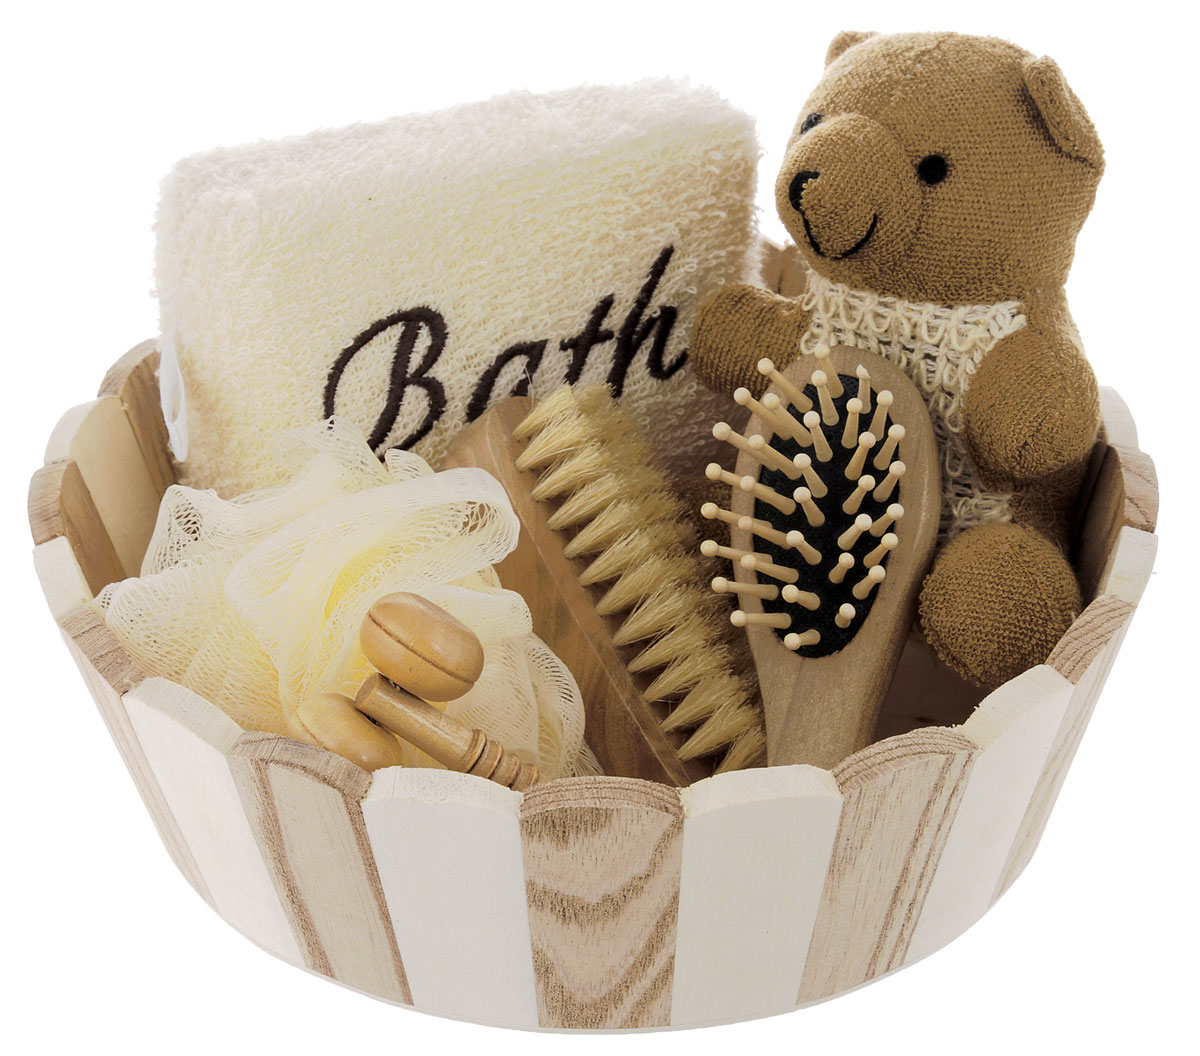 Набор для ванной и бани Феникс-презент Мишка, 7 предметов40637Набор для ванной и бани Феникс-презент Мишка включает: - массажный ролик из древесины павловнии, - мочалка для купания из сизаля, - мочалка для купания из сизаля и полиэстера,- расческа из древесины павловнии,- мочалка для купания из полиэтилена,- щетка для тела со свинцовой щетиной, - лохань из древесины тополя. Такой мини-набор пригодится в любой бане и сделает банную процедуру еще более комфортной и расслабляющей. Размер массажного ролика: 11 х 4 х 2,5 см. Диаметр мочалки: 11 см. Размер расчески: 12 х 4 х 3 см. Размер мочалки из сизаля: 10 х 7 х 14, Размер мочалка из сизаля и полиэстера: 12 х 9 х 5 см,Размер щетки со свинцовой щетиной: 10 х 4 х 3,5 см, Размер лохани: 22 х 22 х 6,5 см.